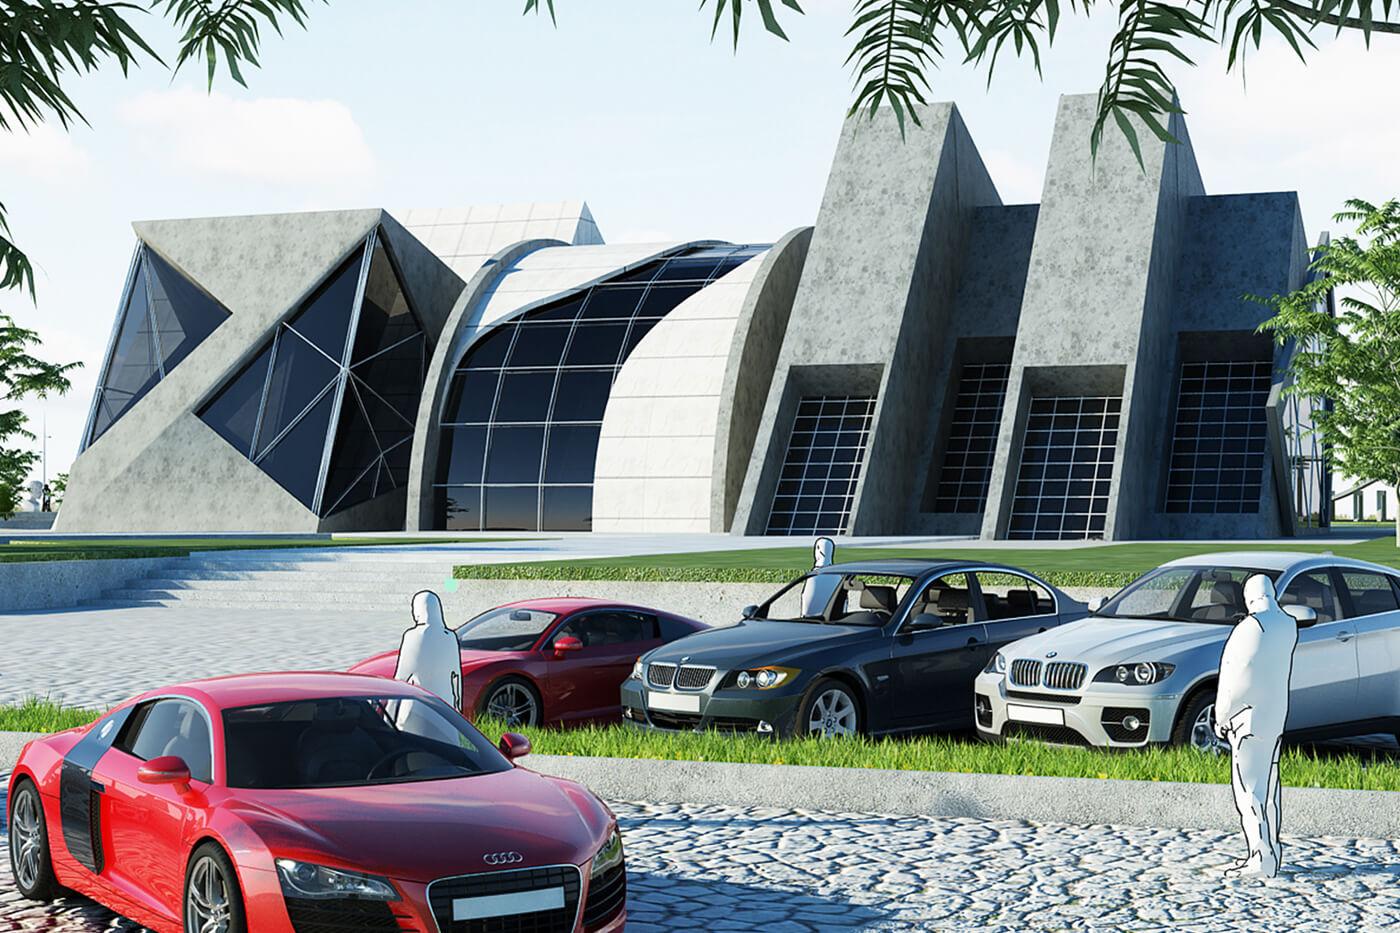 arkitektur design